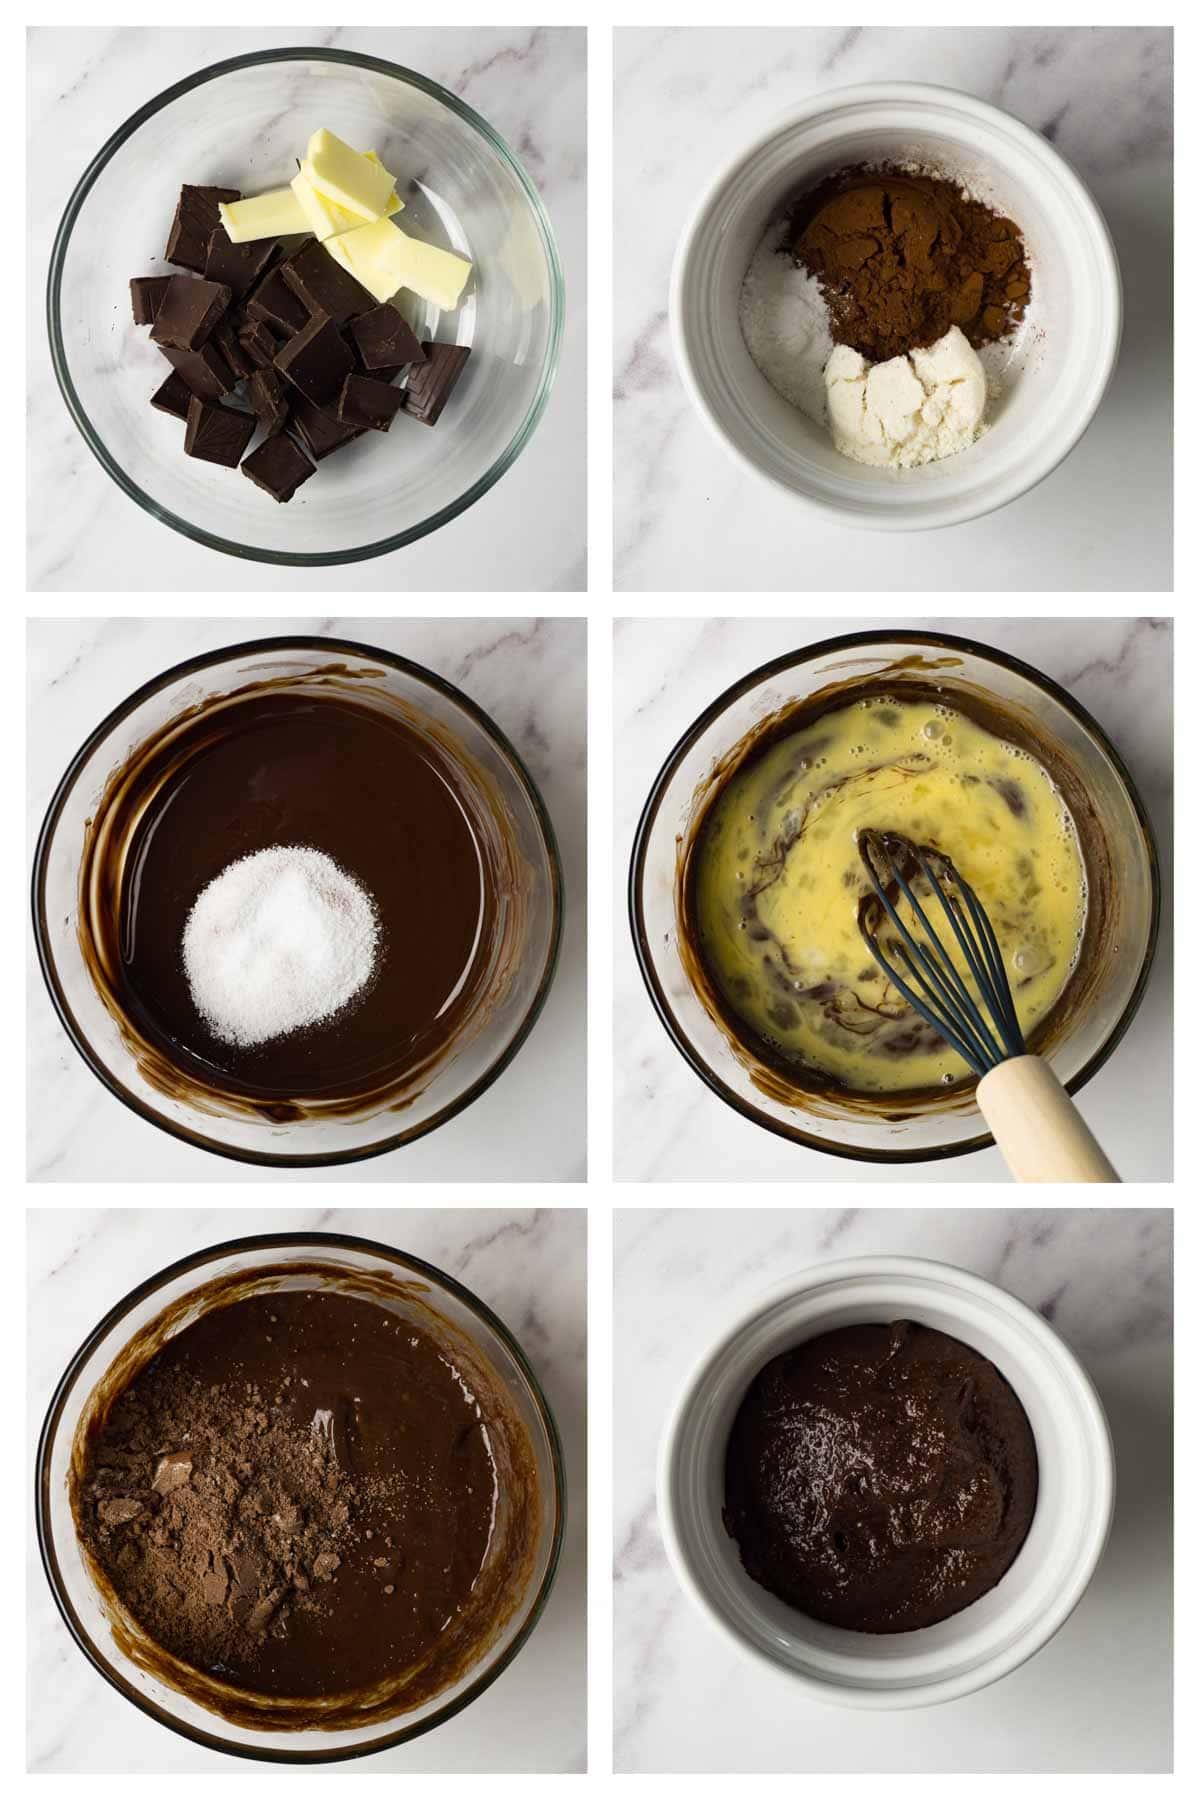 6 steps collage image showing how to make keto chocolate mug cake.